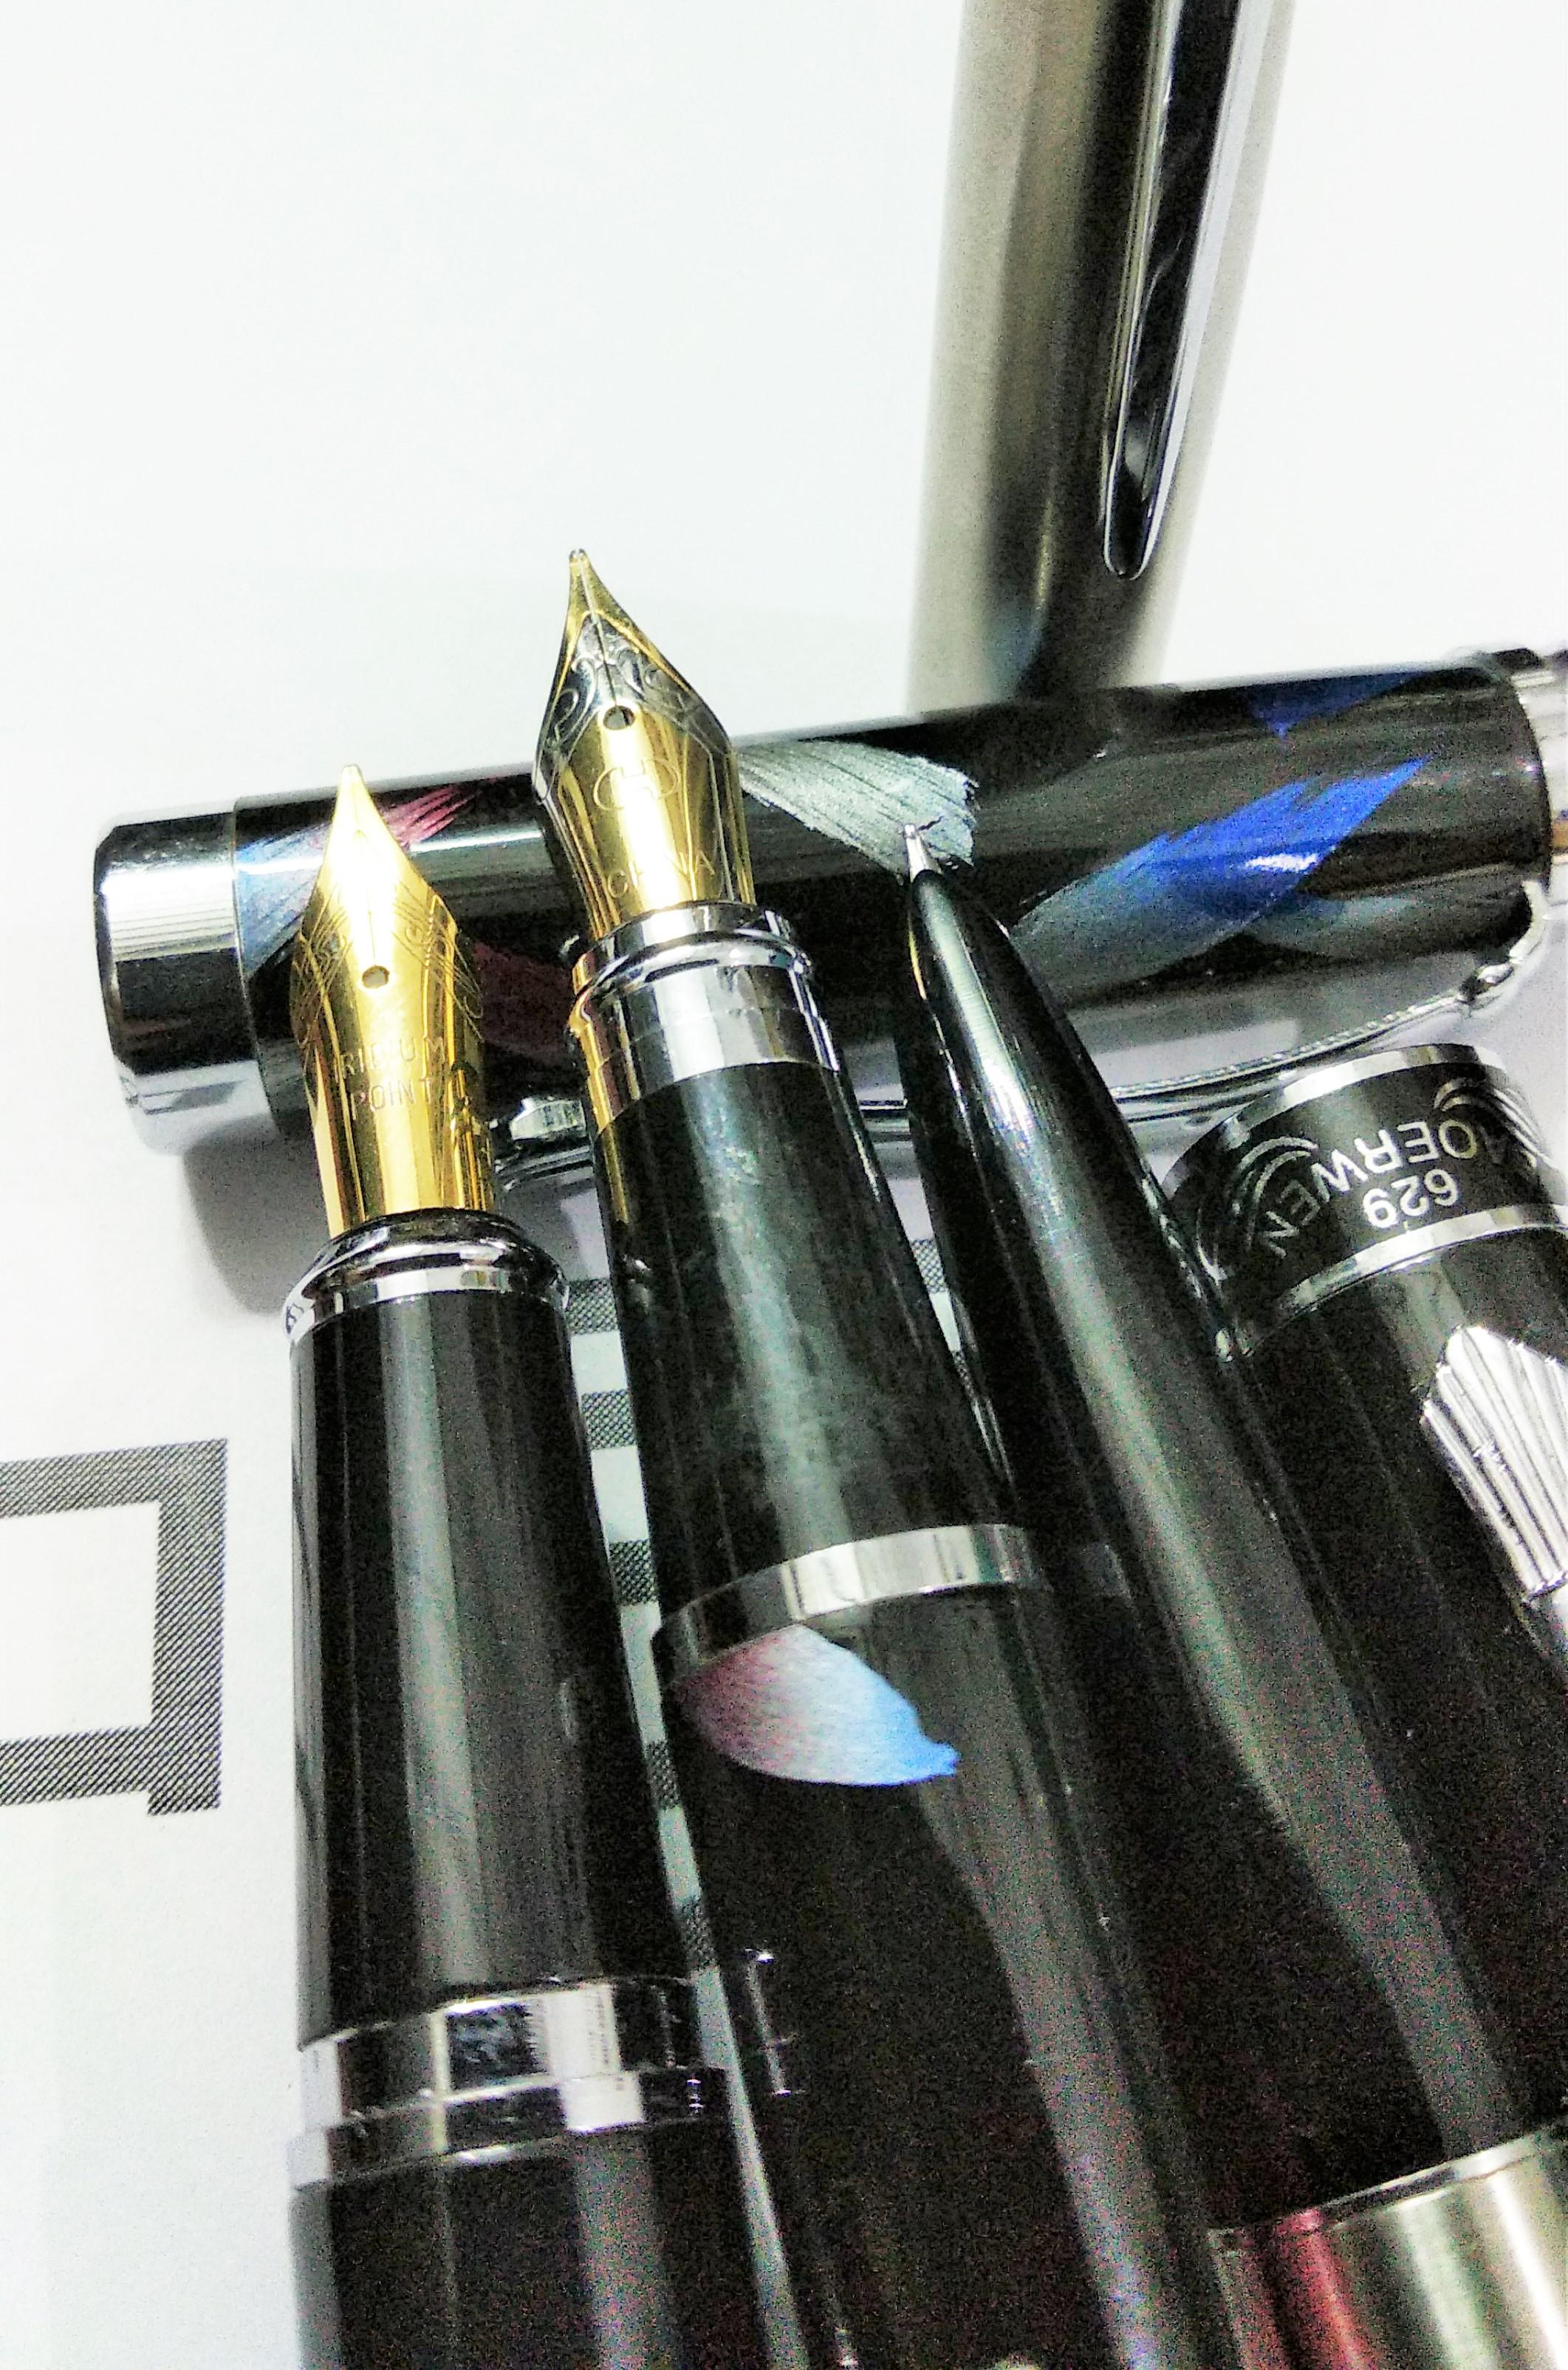 replica pens